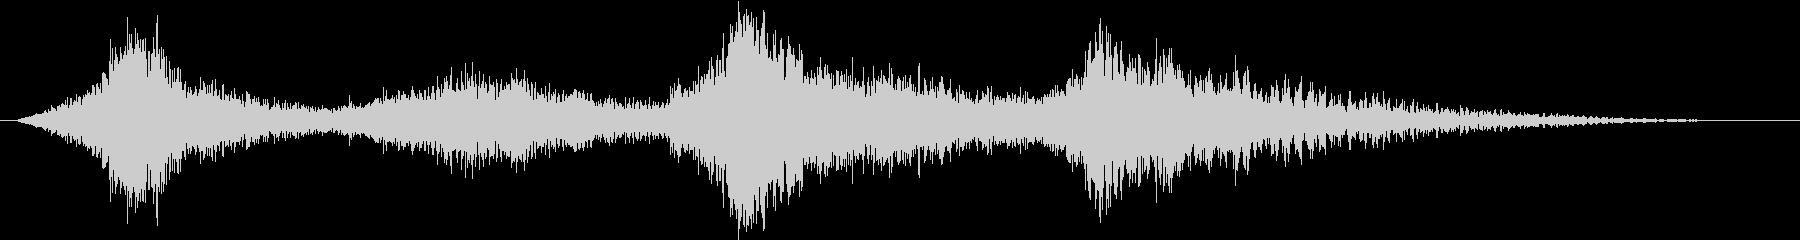 ドラマチックなピアノ弦テンションダウンの未再生の波形